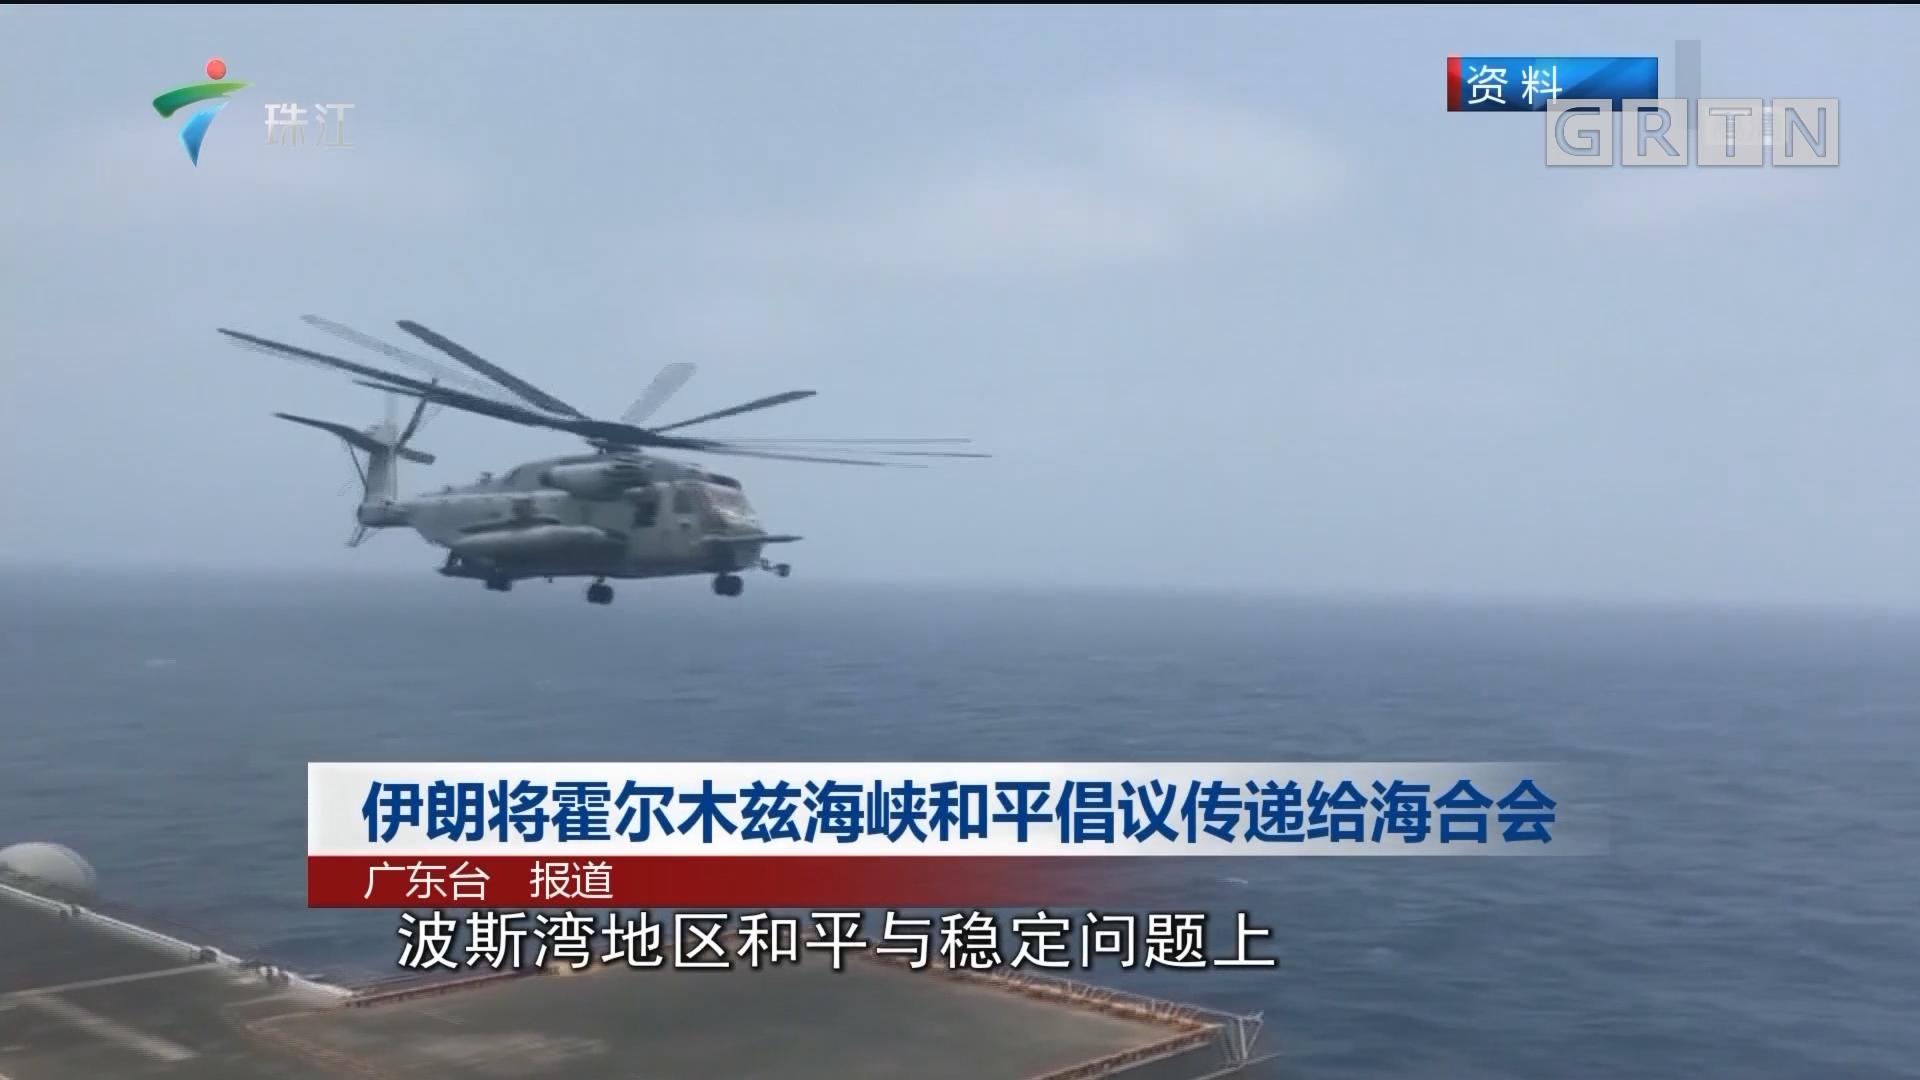 伊朗将霍尔木兹海峡和平倡议传递给海合会